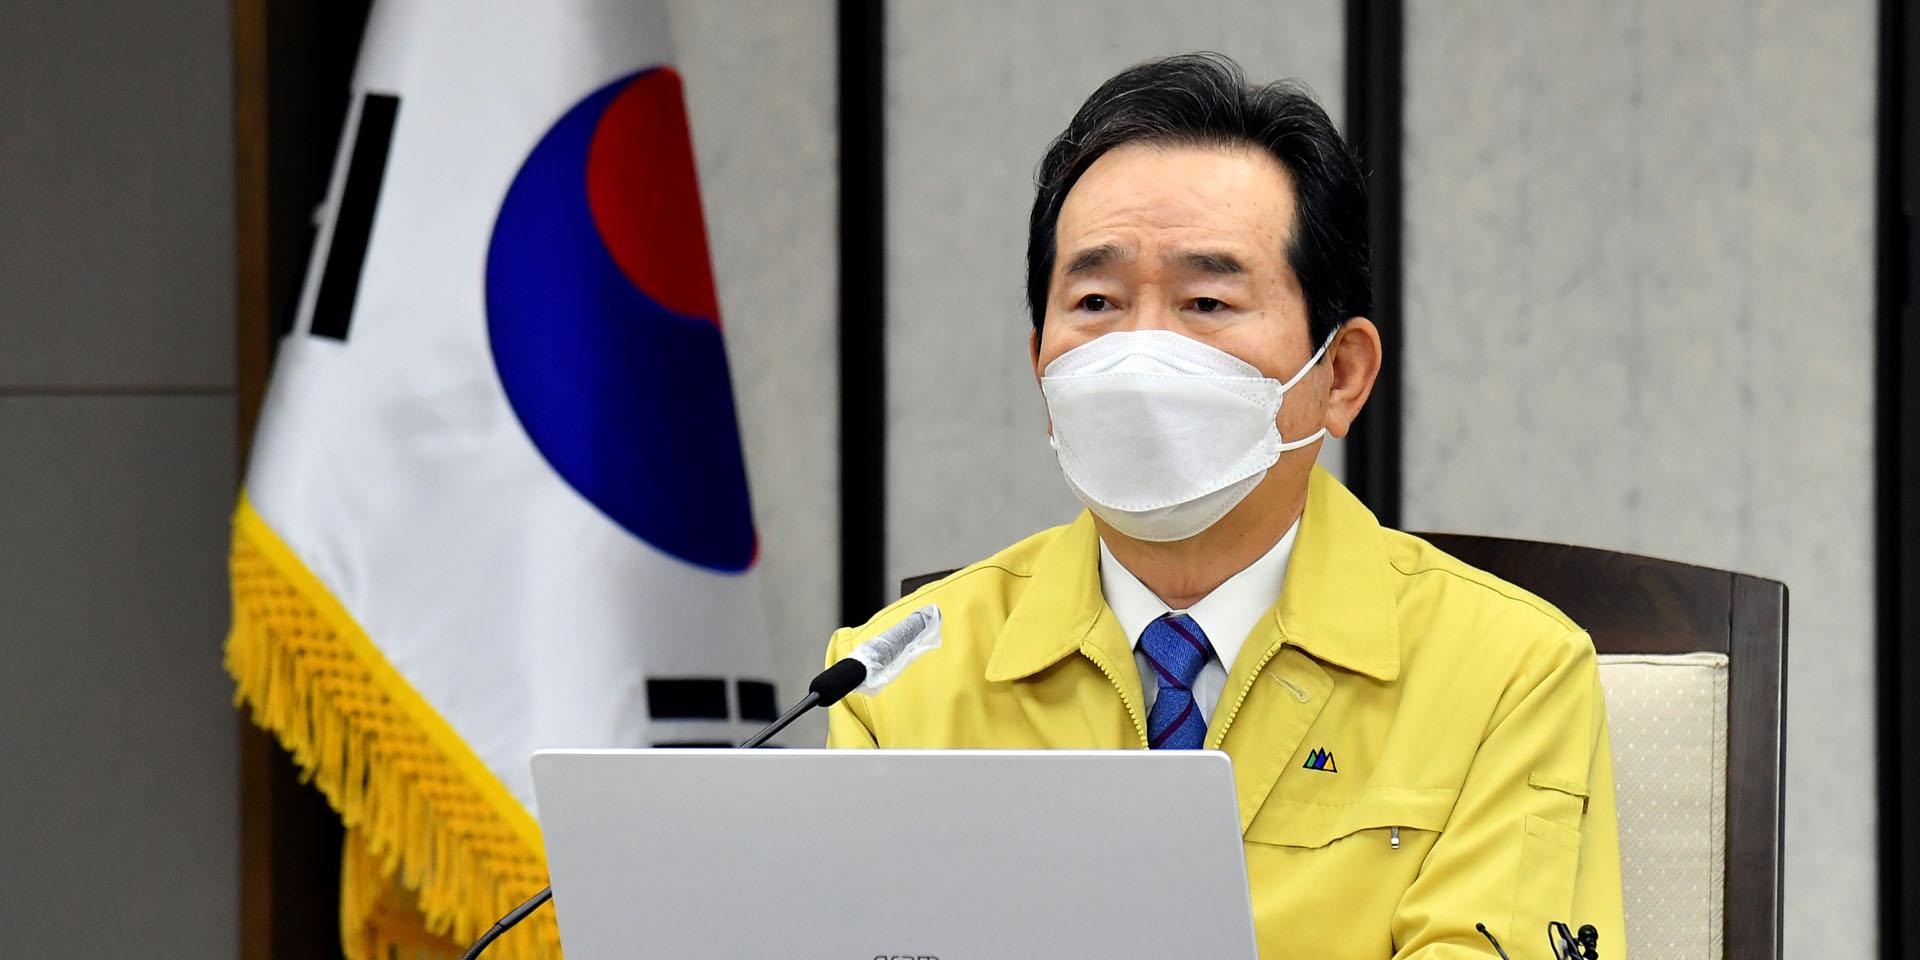 Güney Kore'den İran'a 44 yıl sonra ilk ziyaret